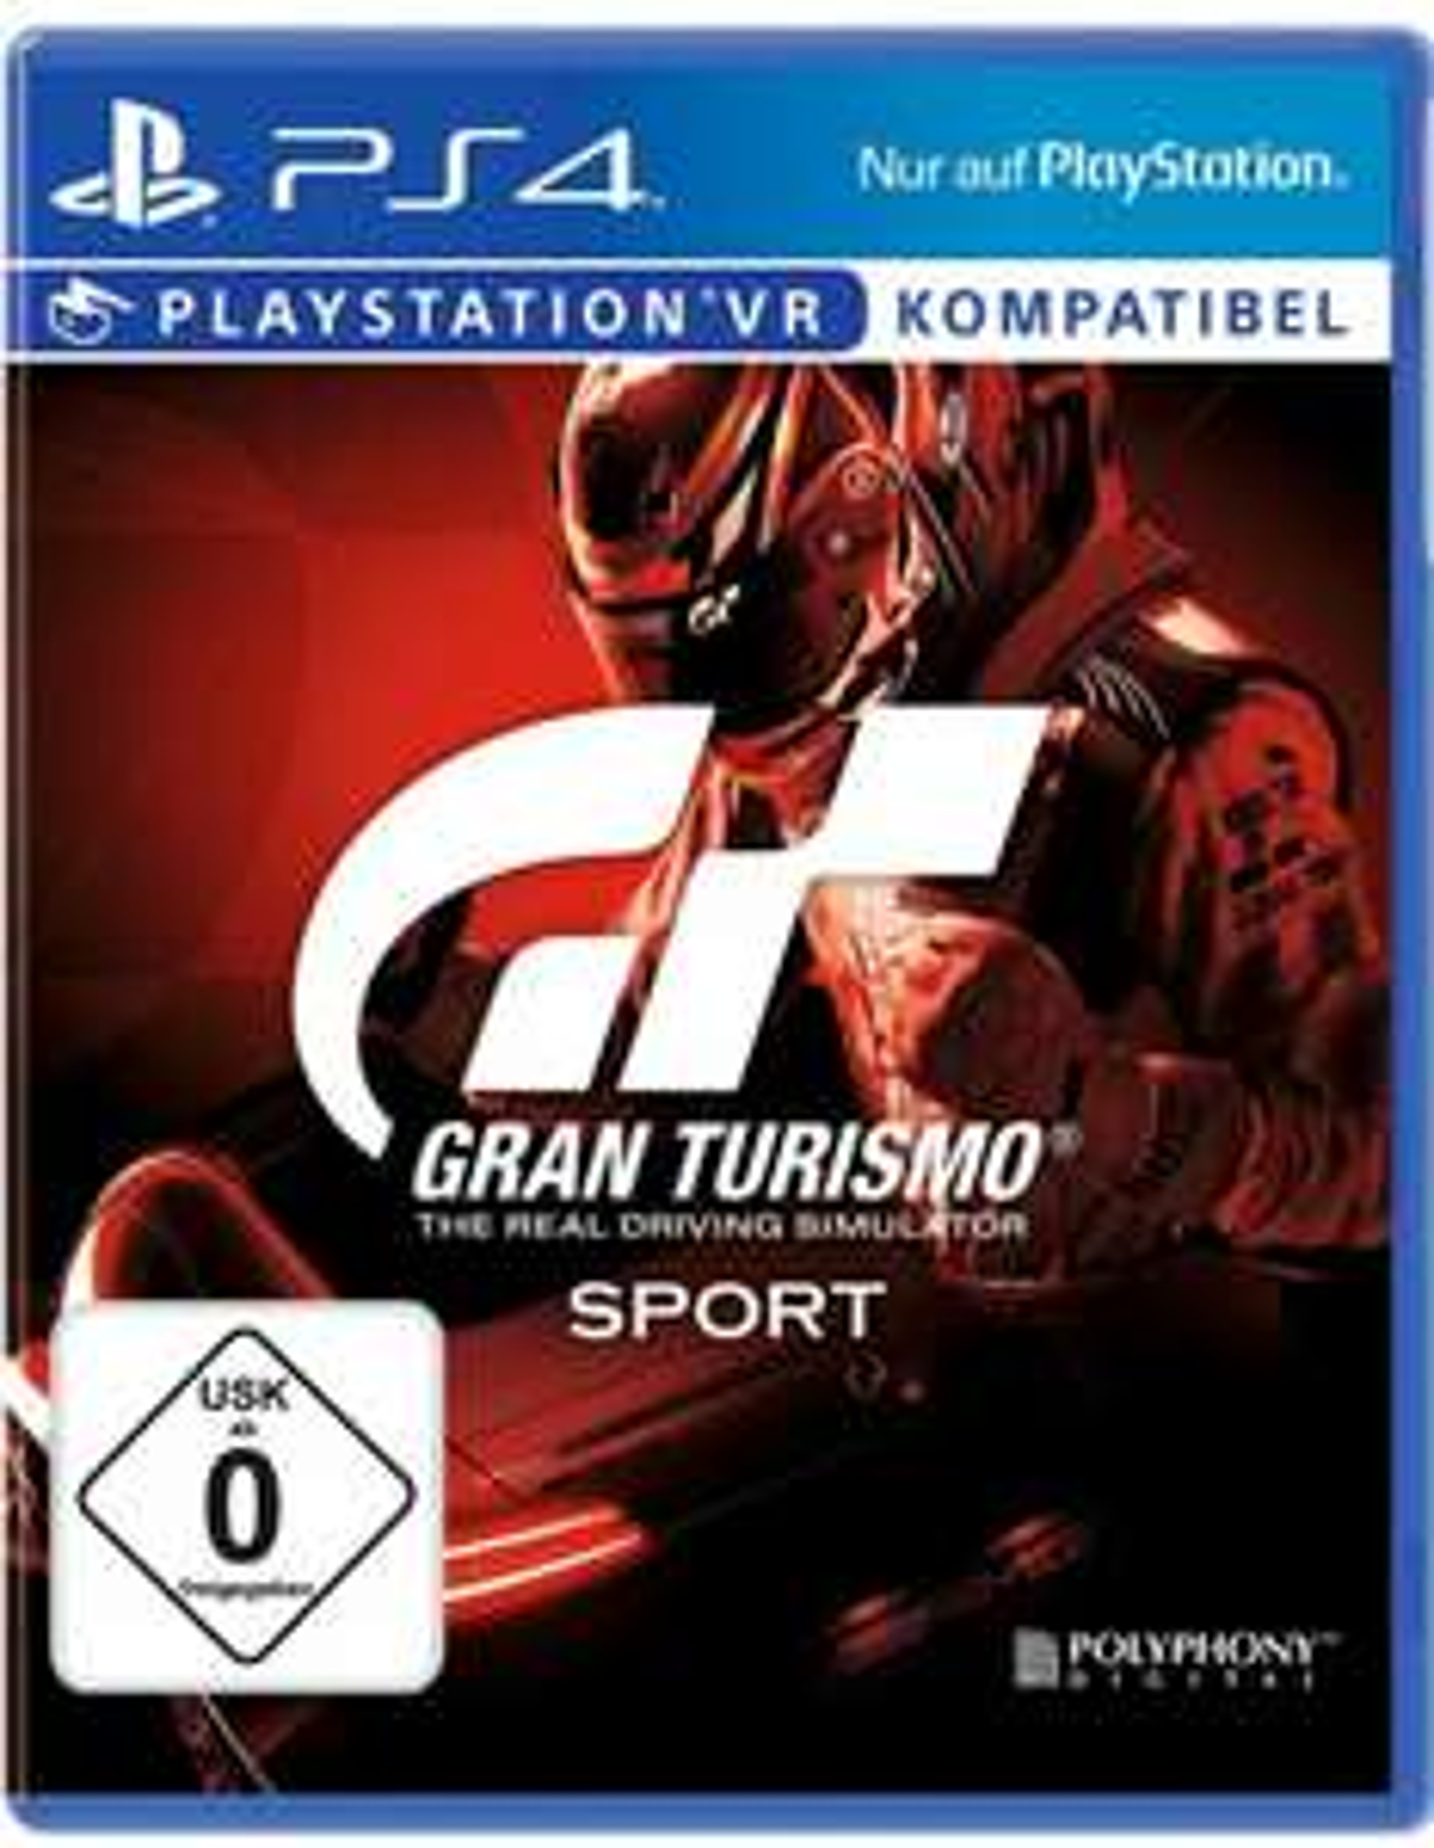 [OTTO] Gran Turismo Sport